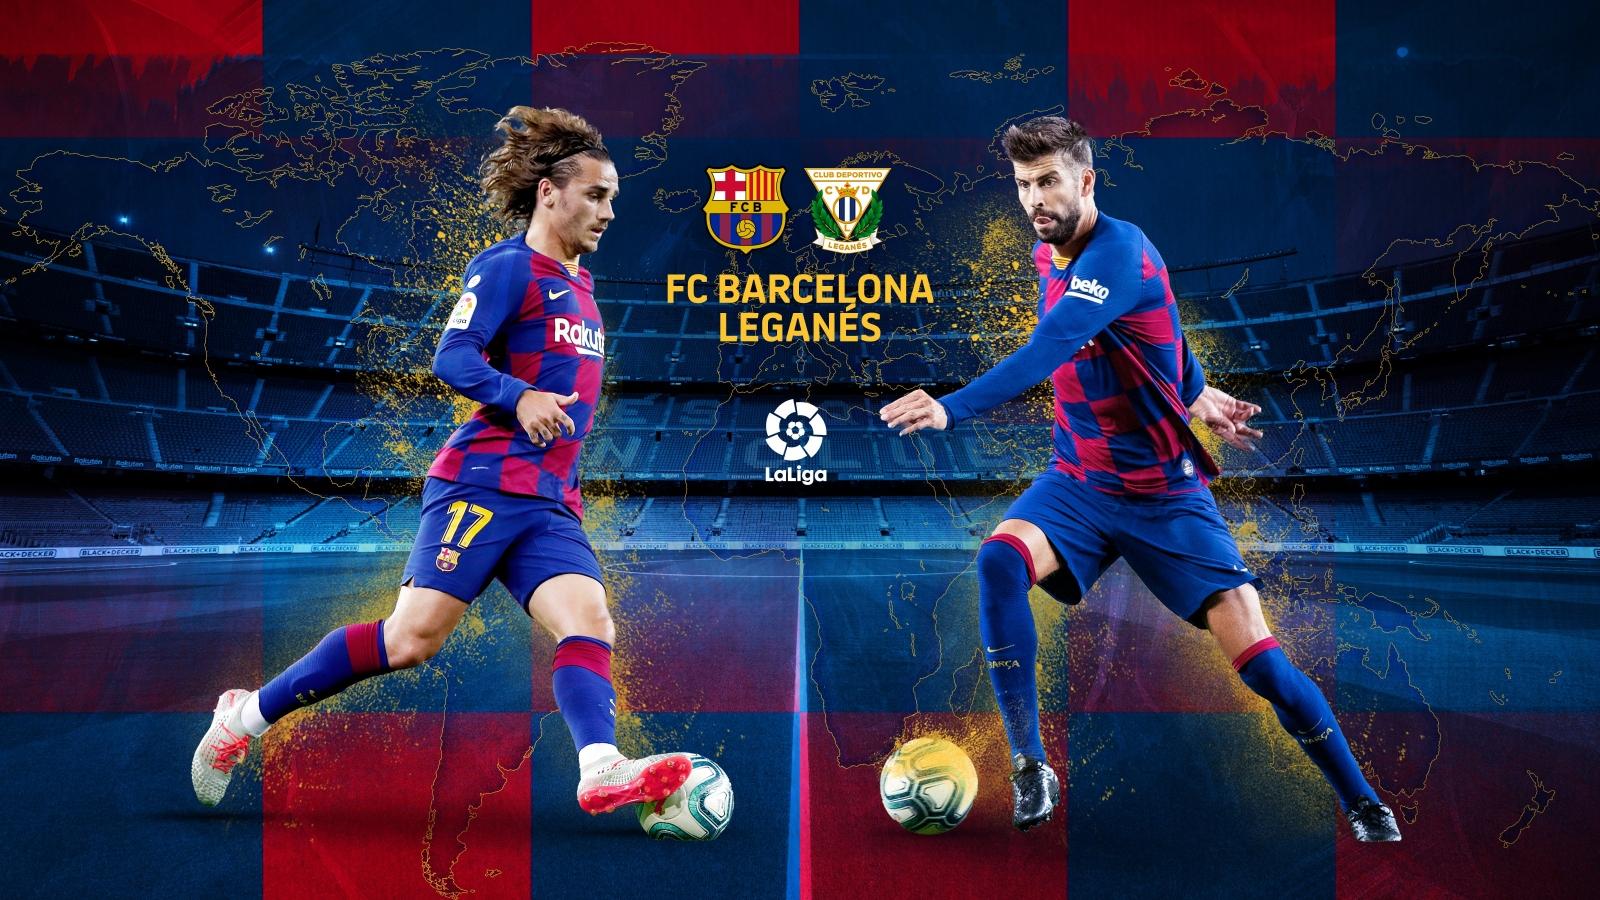 Đội hình dự kiến Barca - Leganes: Griezmann sát cánh Messi